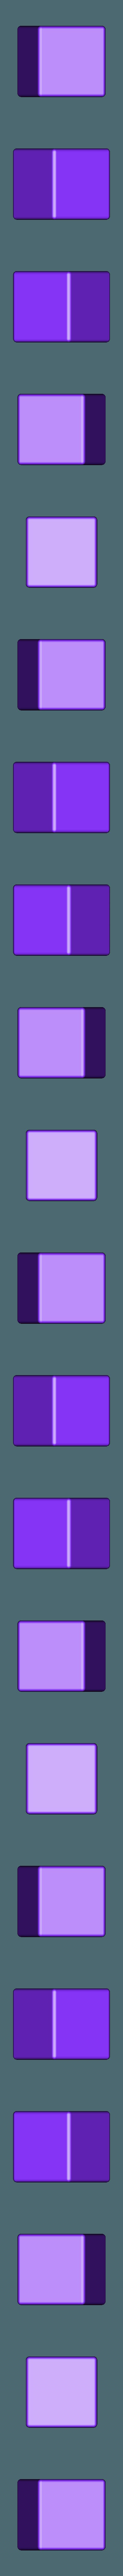 1x1.STL Download free STL file Rubik cube • 3D printer object, Thierryc44